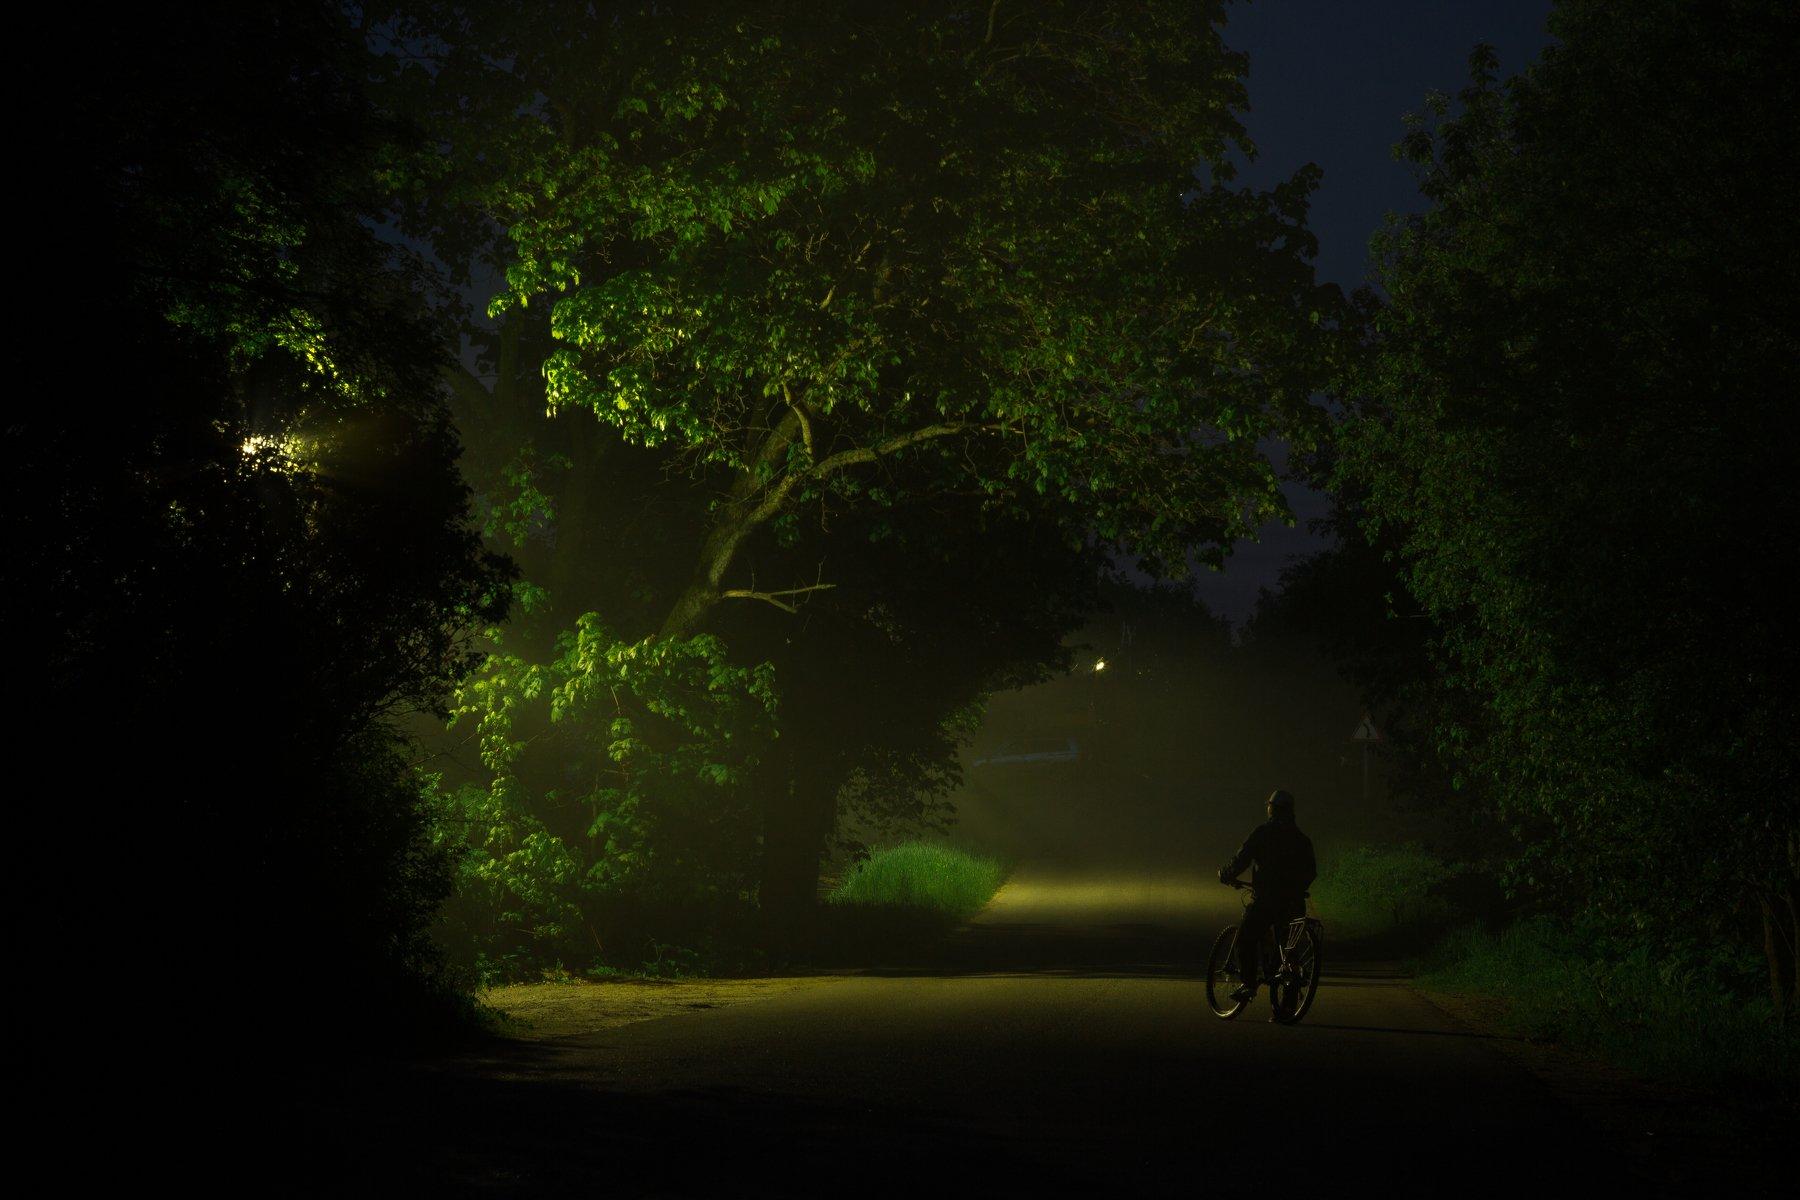 ночь туман россия велосипед, Евгений Озеров